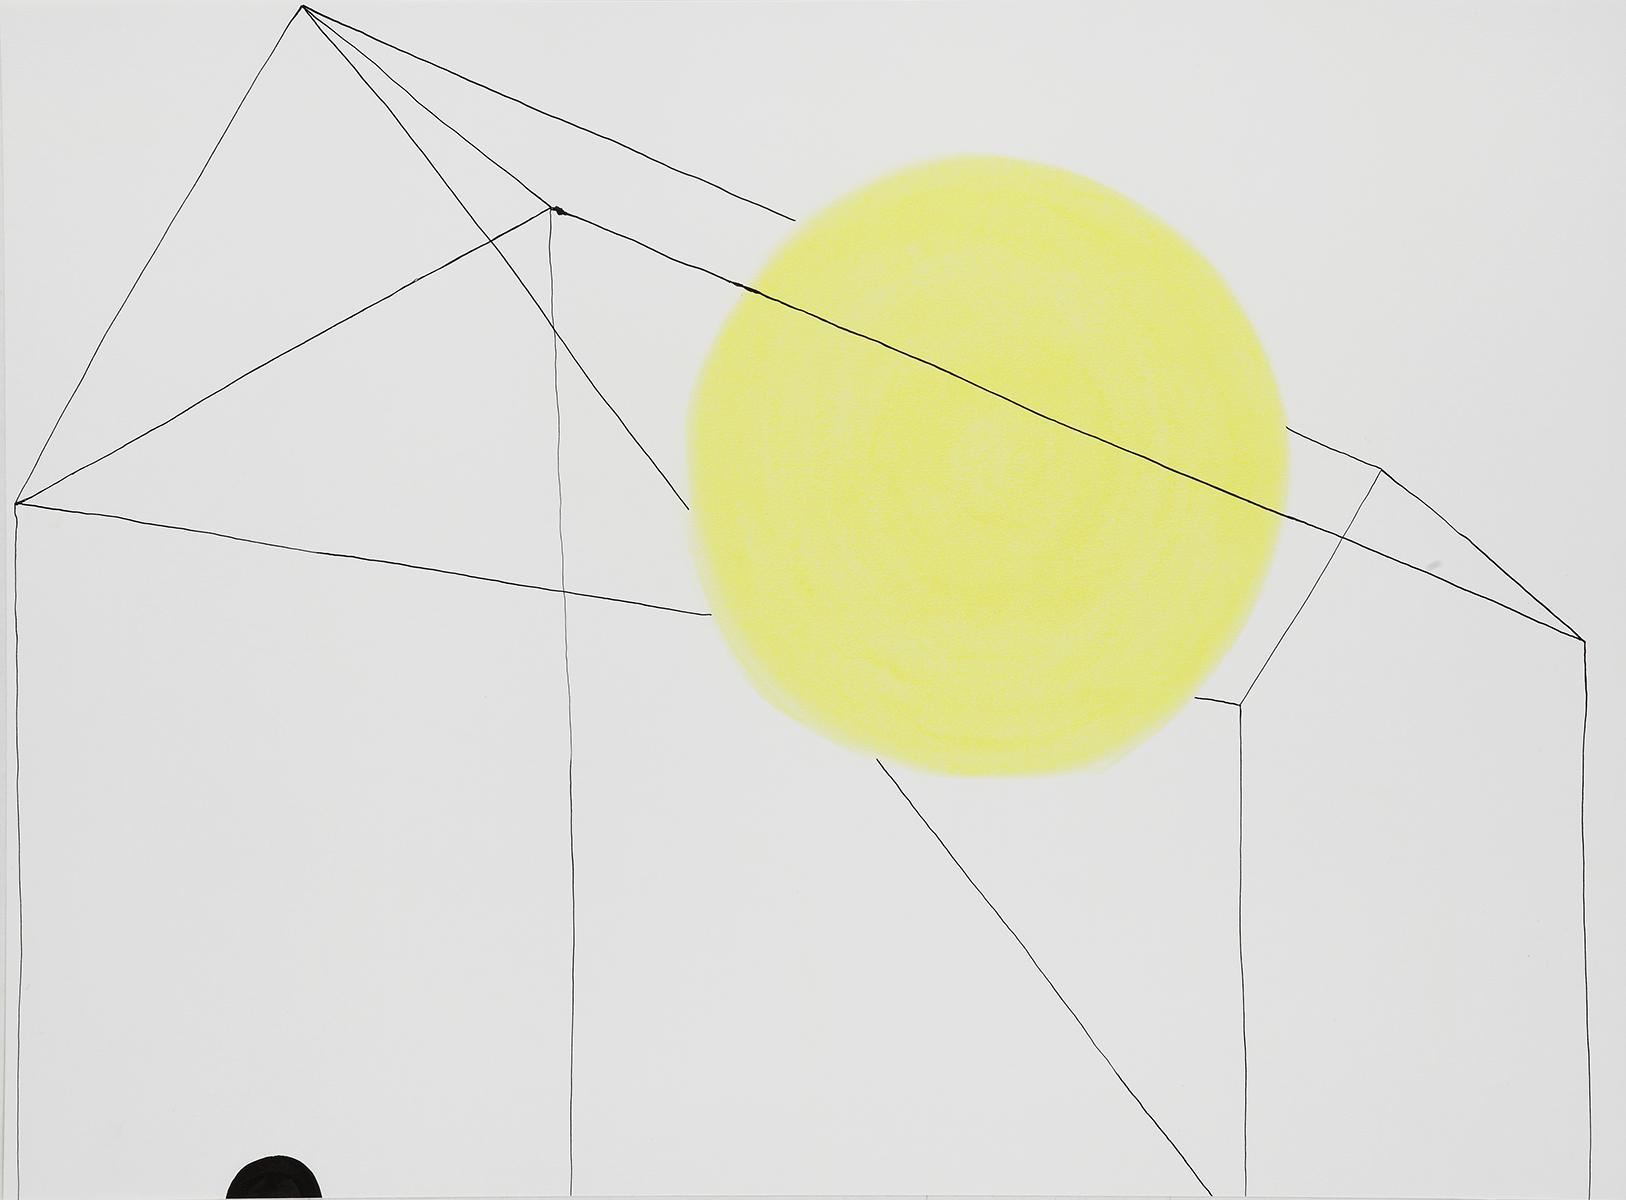 Huis 24 - Oost-Indische inkt & pastelkrijt - 50 x 70 cm